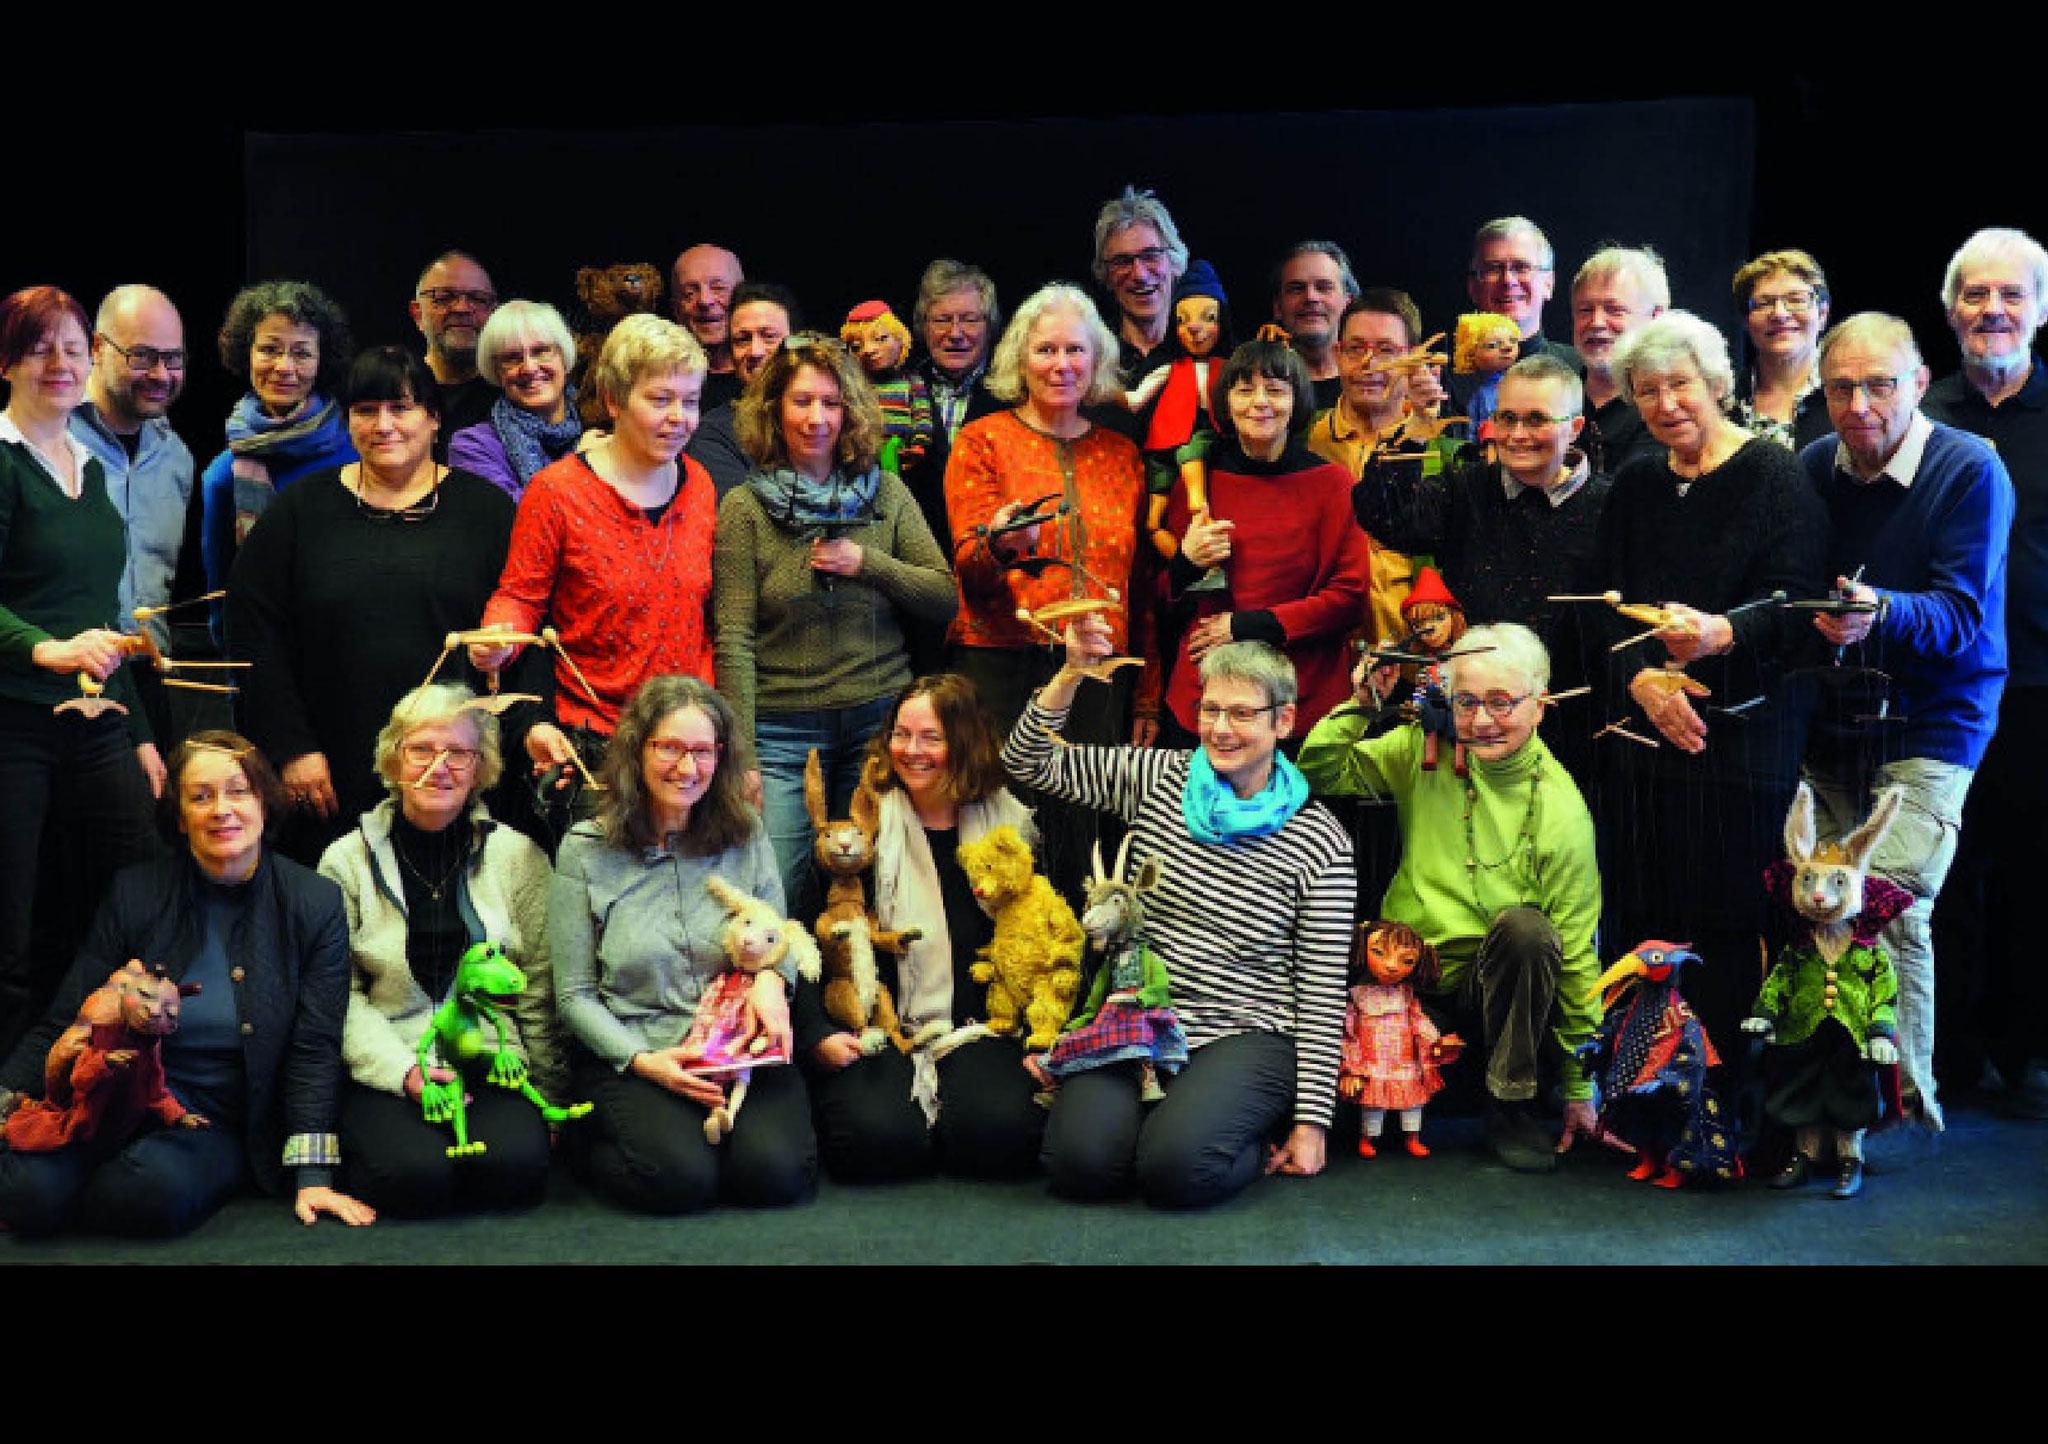 Verein KunstForm Marionette e.V.: 30 MarionettenspielerInnen aus Deutschland und der Schweiz gründen den Verein